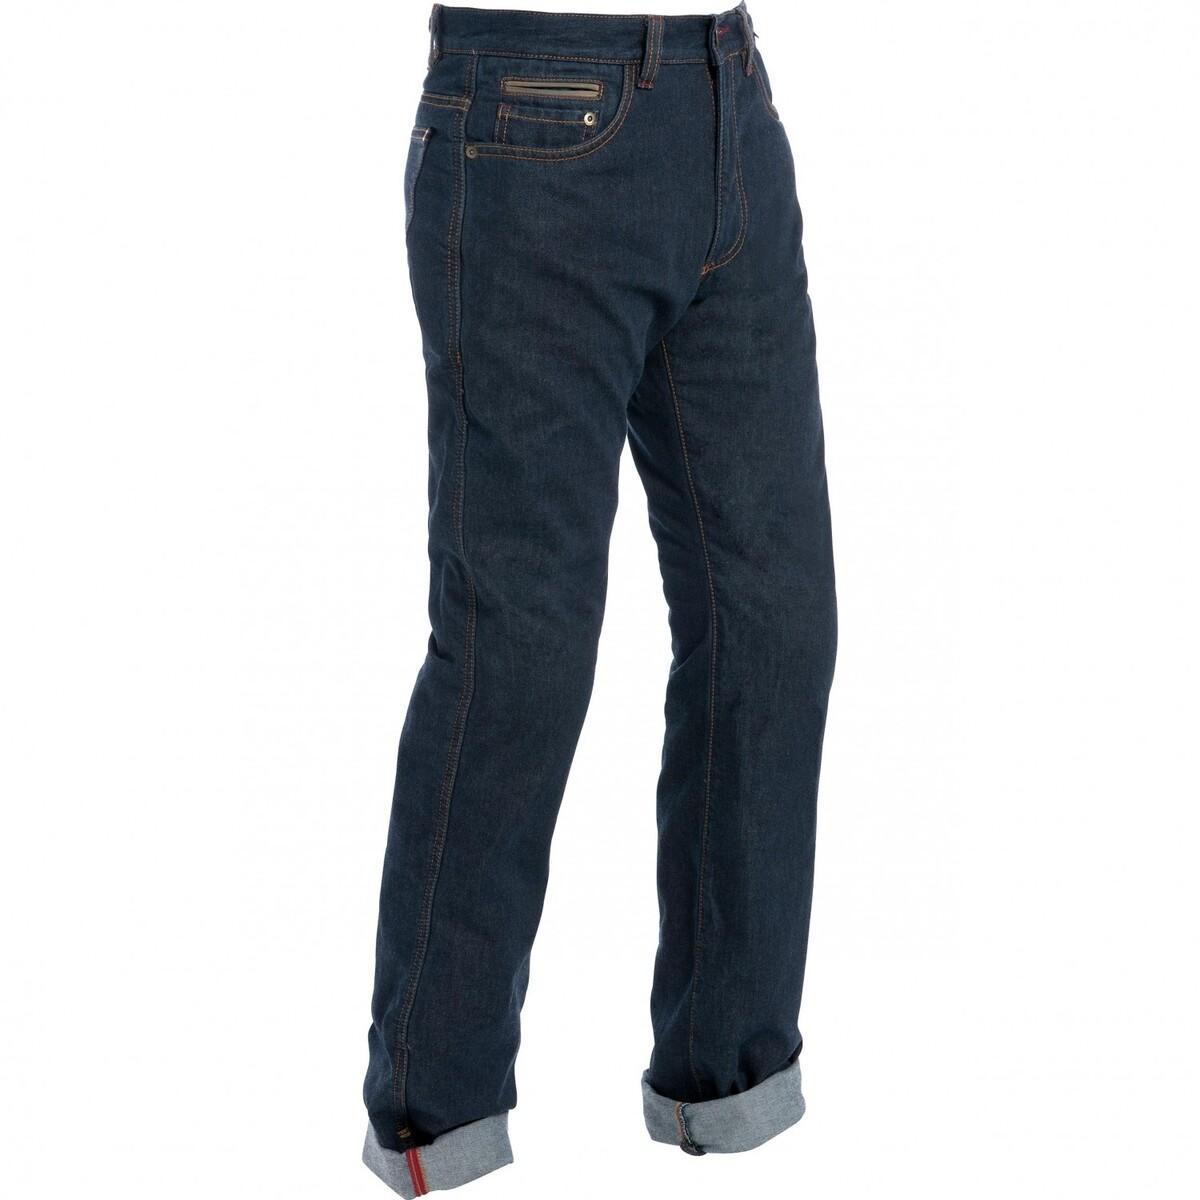 Bild 1 von Segura Julys Jeans blau Herren Größe 3XL